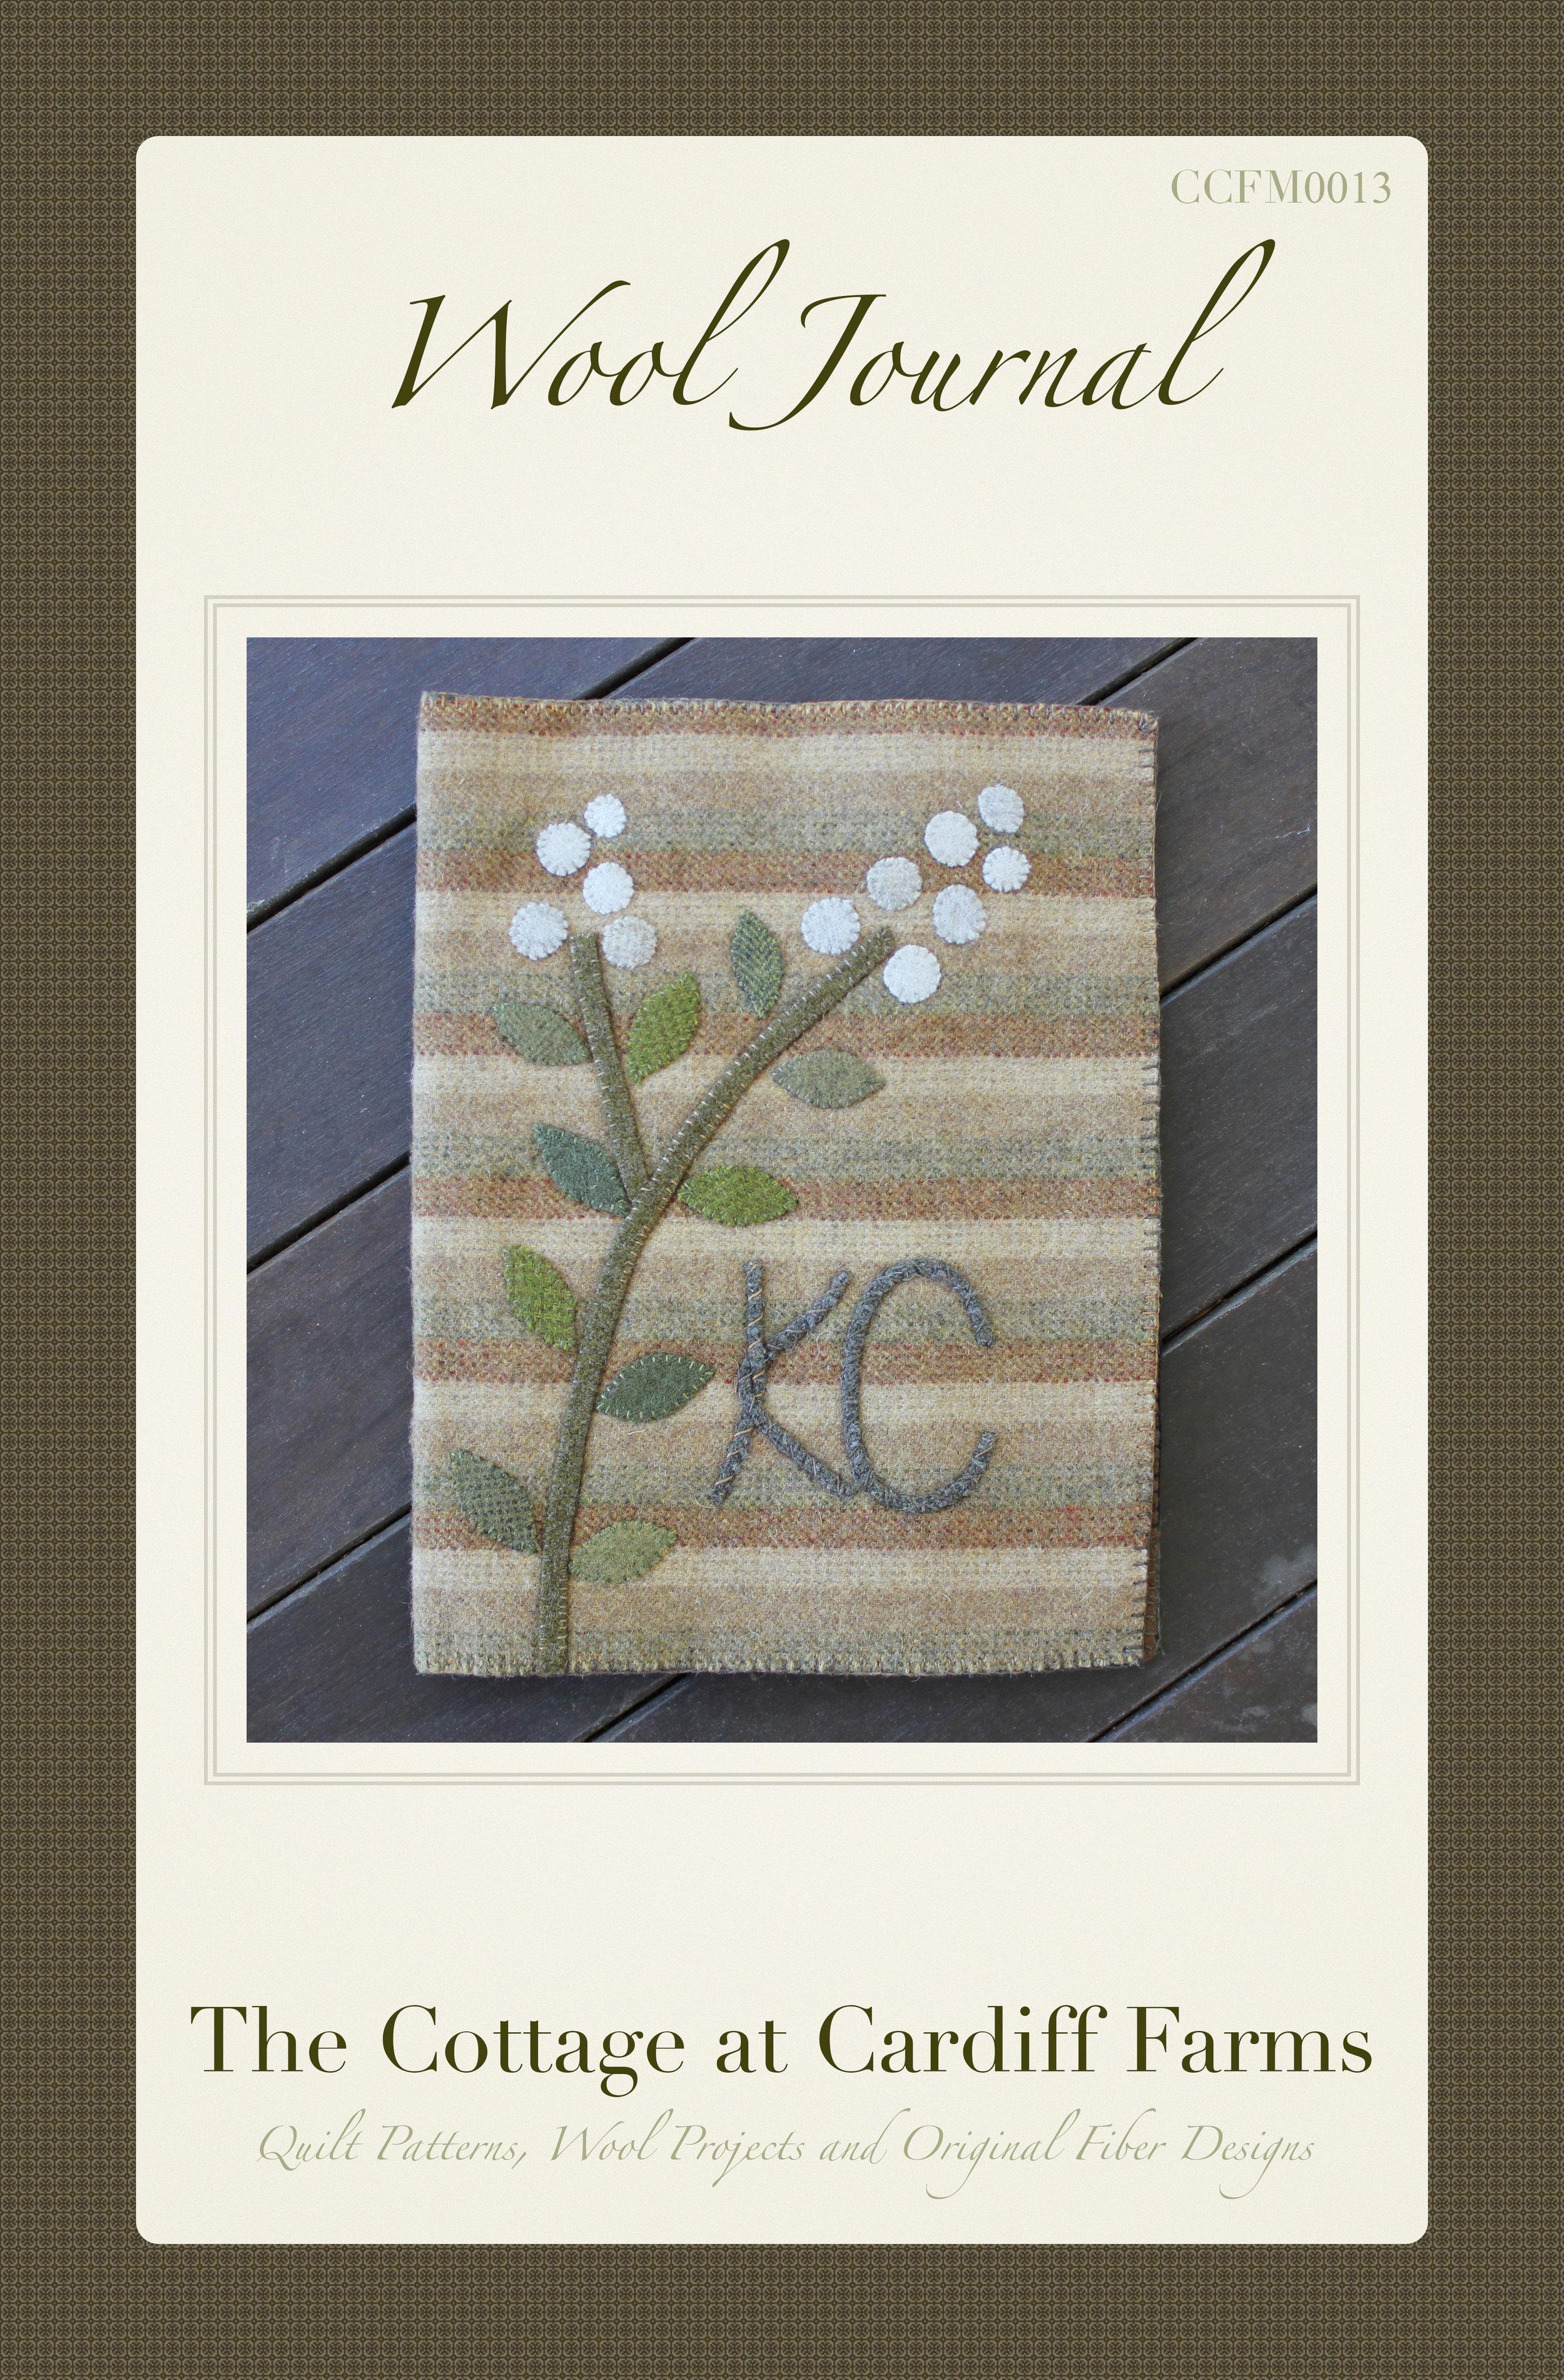 Wool Journal.jpg